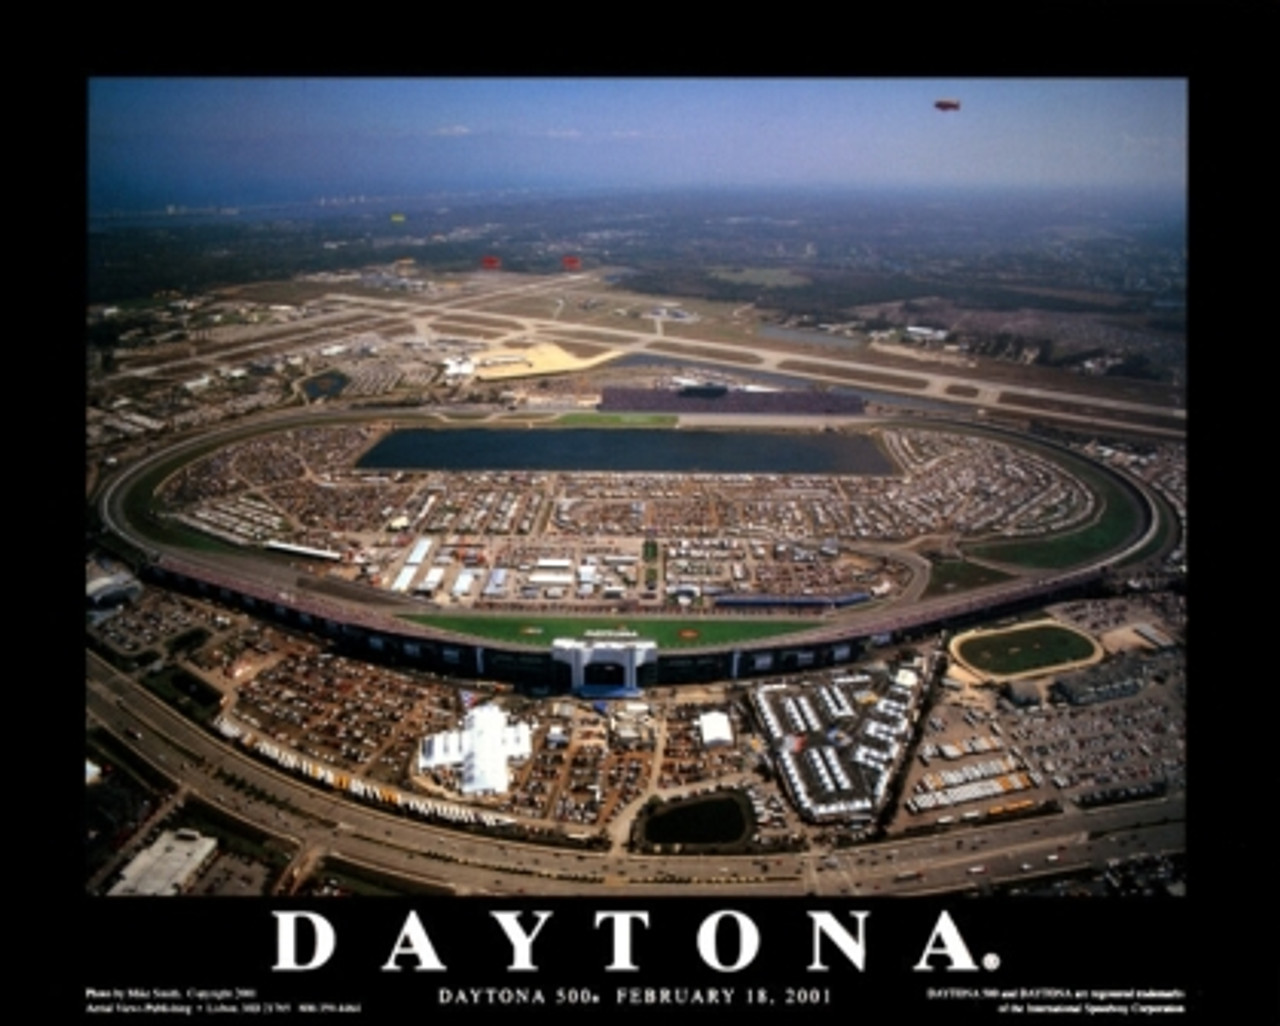 Daytona 500 - Daytona International Speedway Aerial Poster